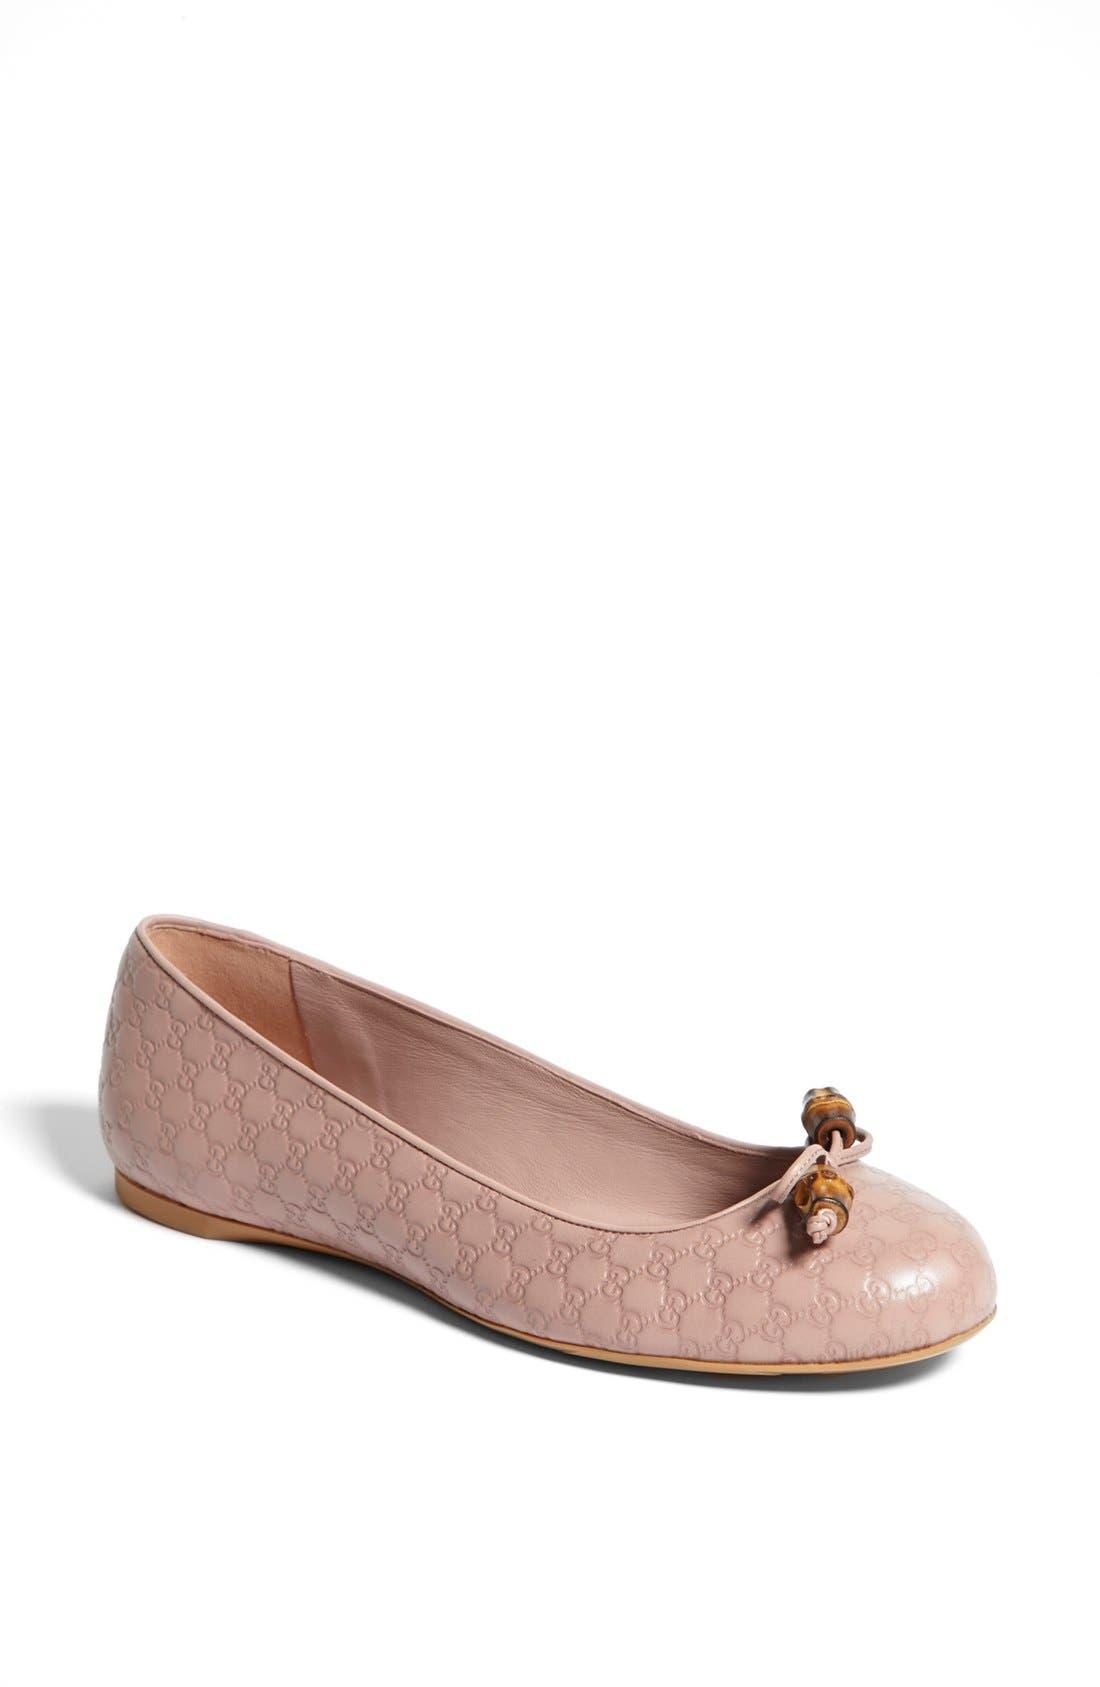 Main Image - Gucci 'Sylvie' Bamboo Bow Ballet Flat